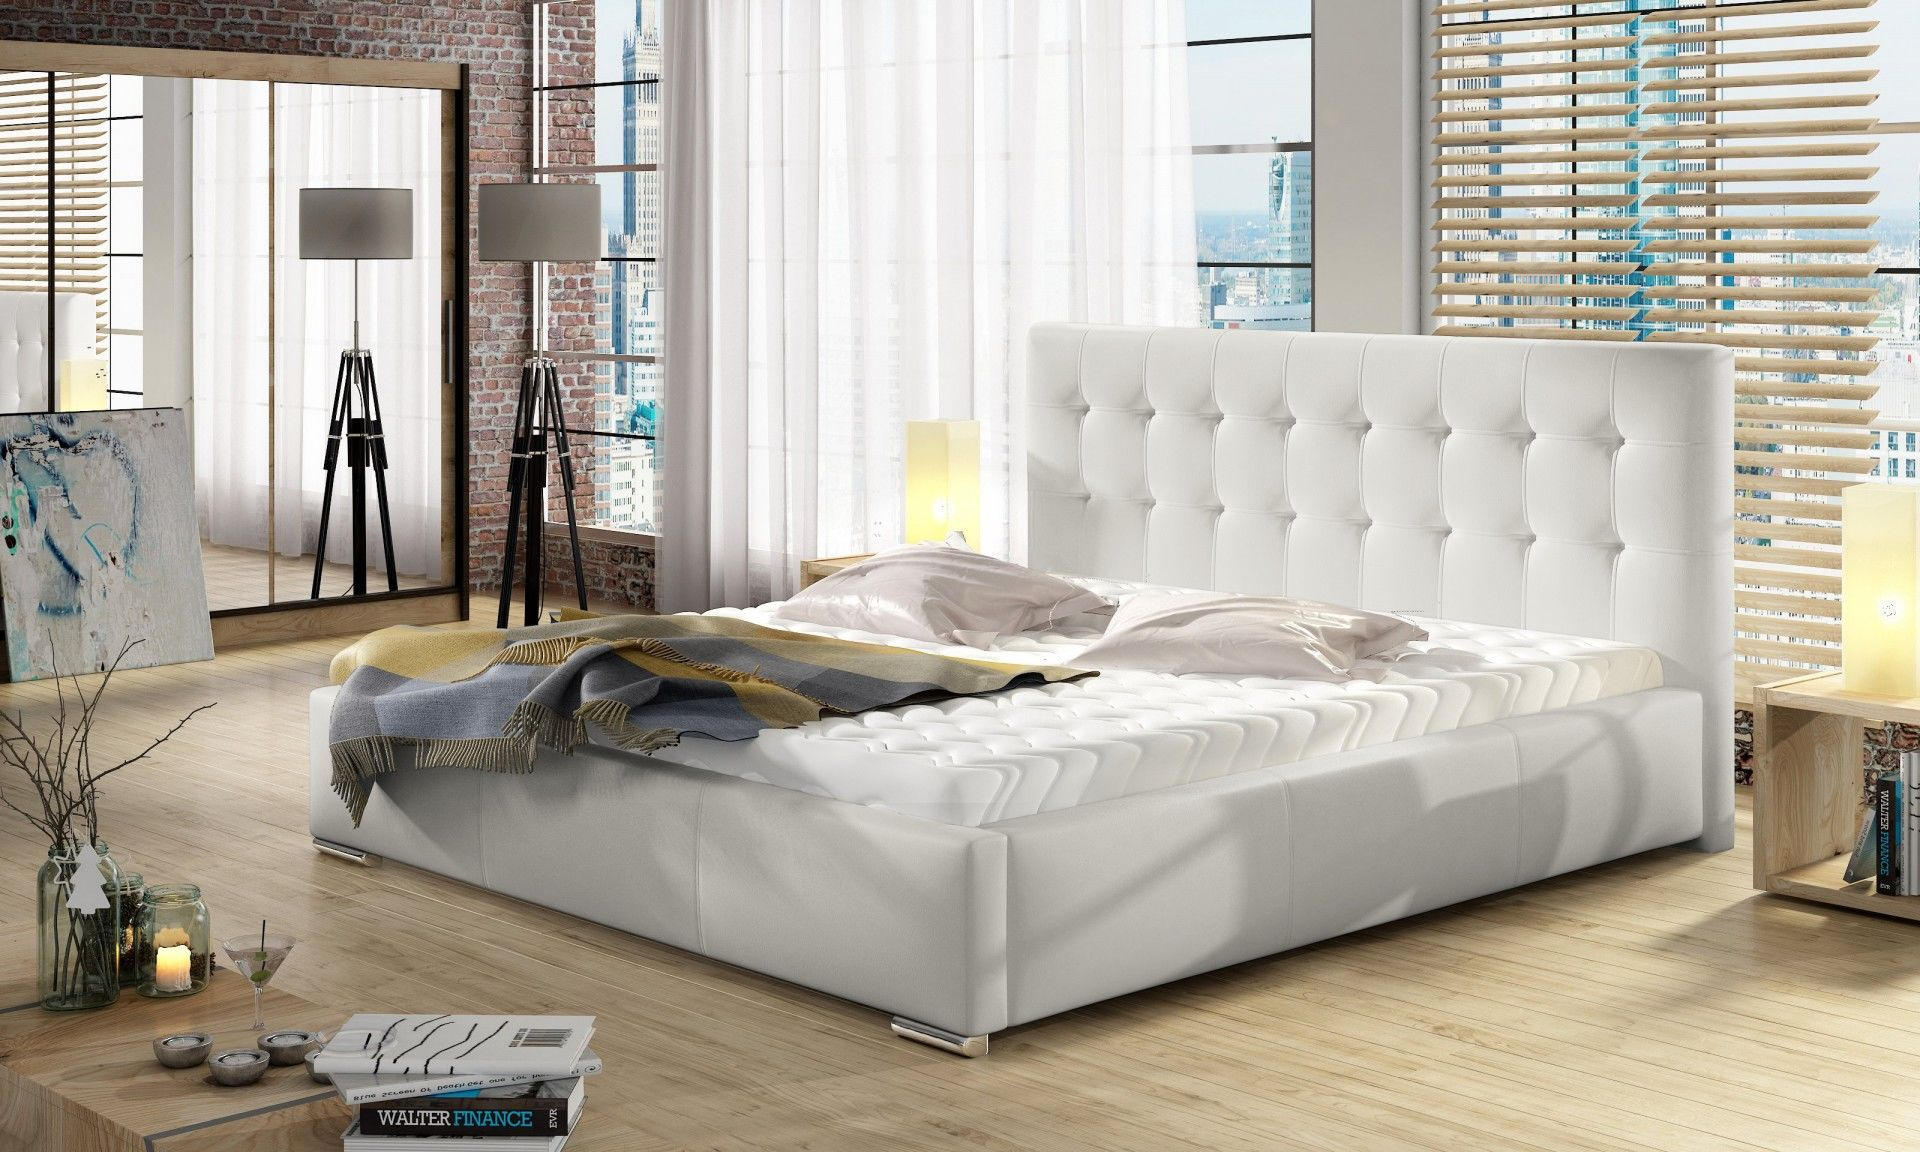 Łóżko DOLORES pod materac 180x200+ wysoki materac kieszeniowy SOGNATO + stelaż Simpack